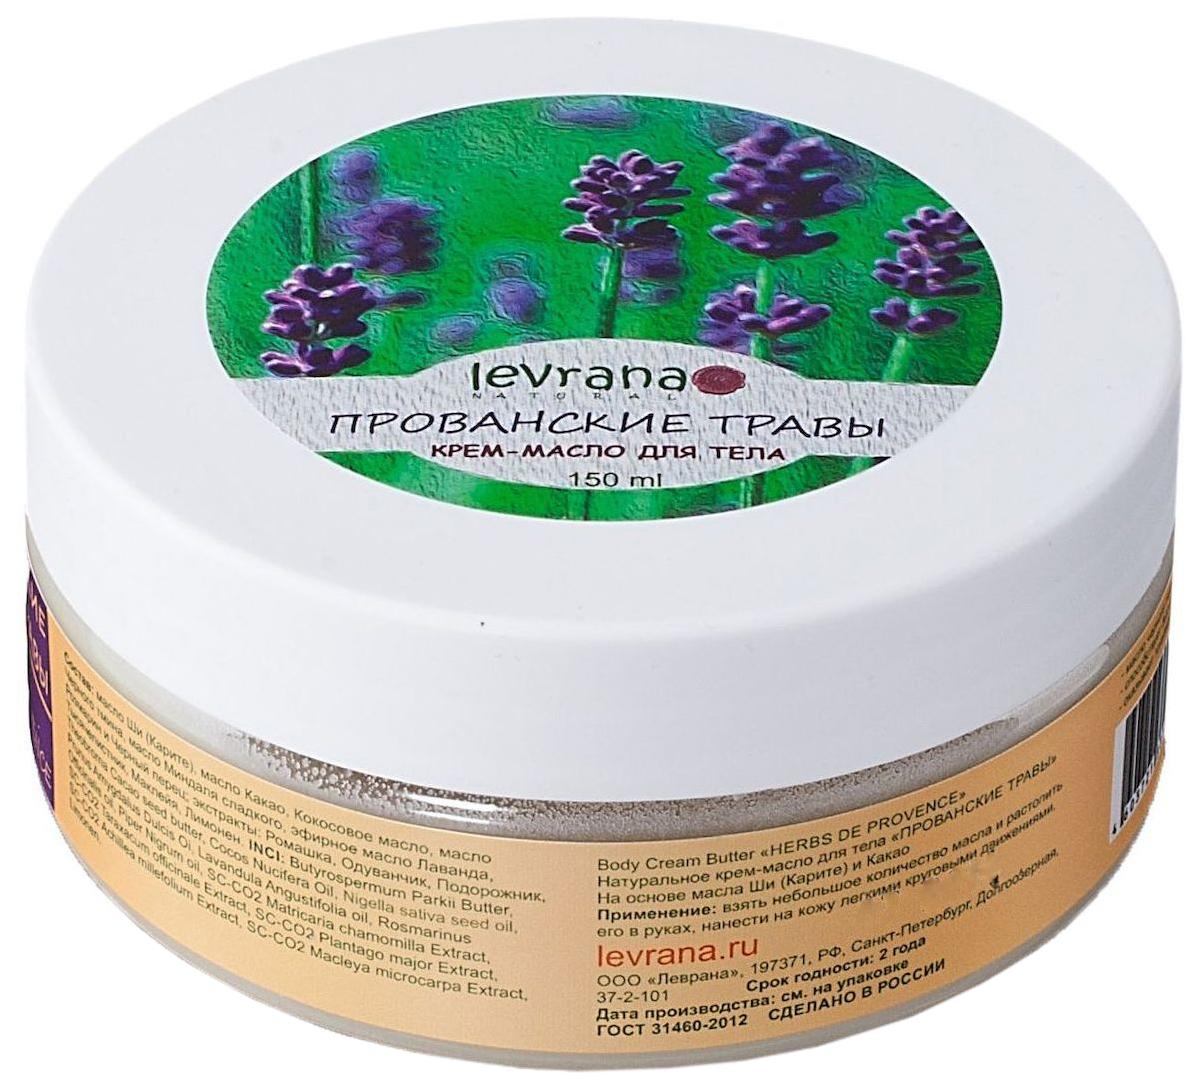 Купить Крем для тела Levrana Прованские травы 150 мл